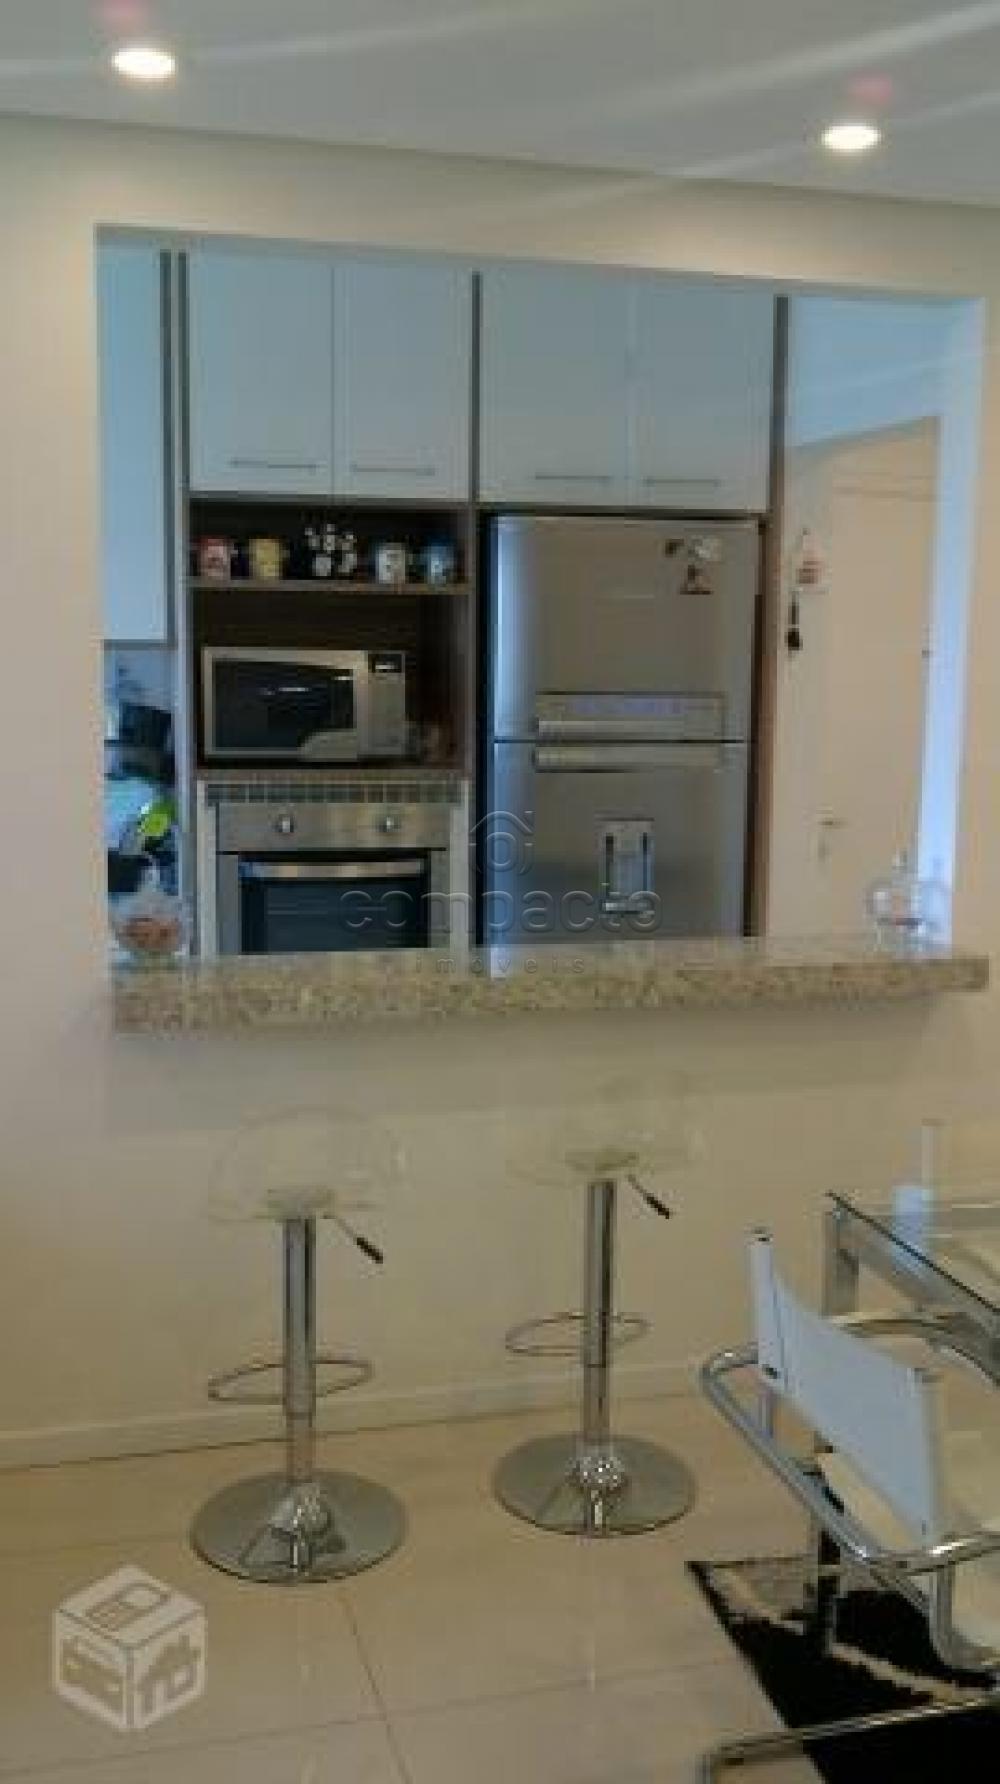 Comprar Apartamento / Cobertura em São José do Rio Preto apenas R$ 340.000,00 - Foto 10